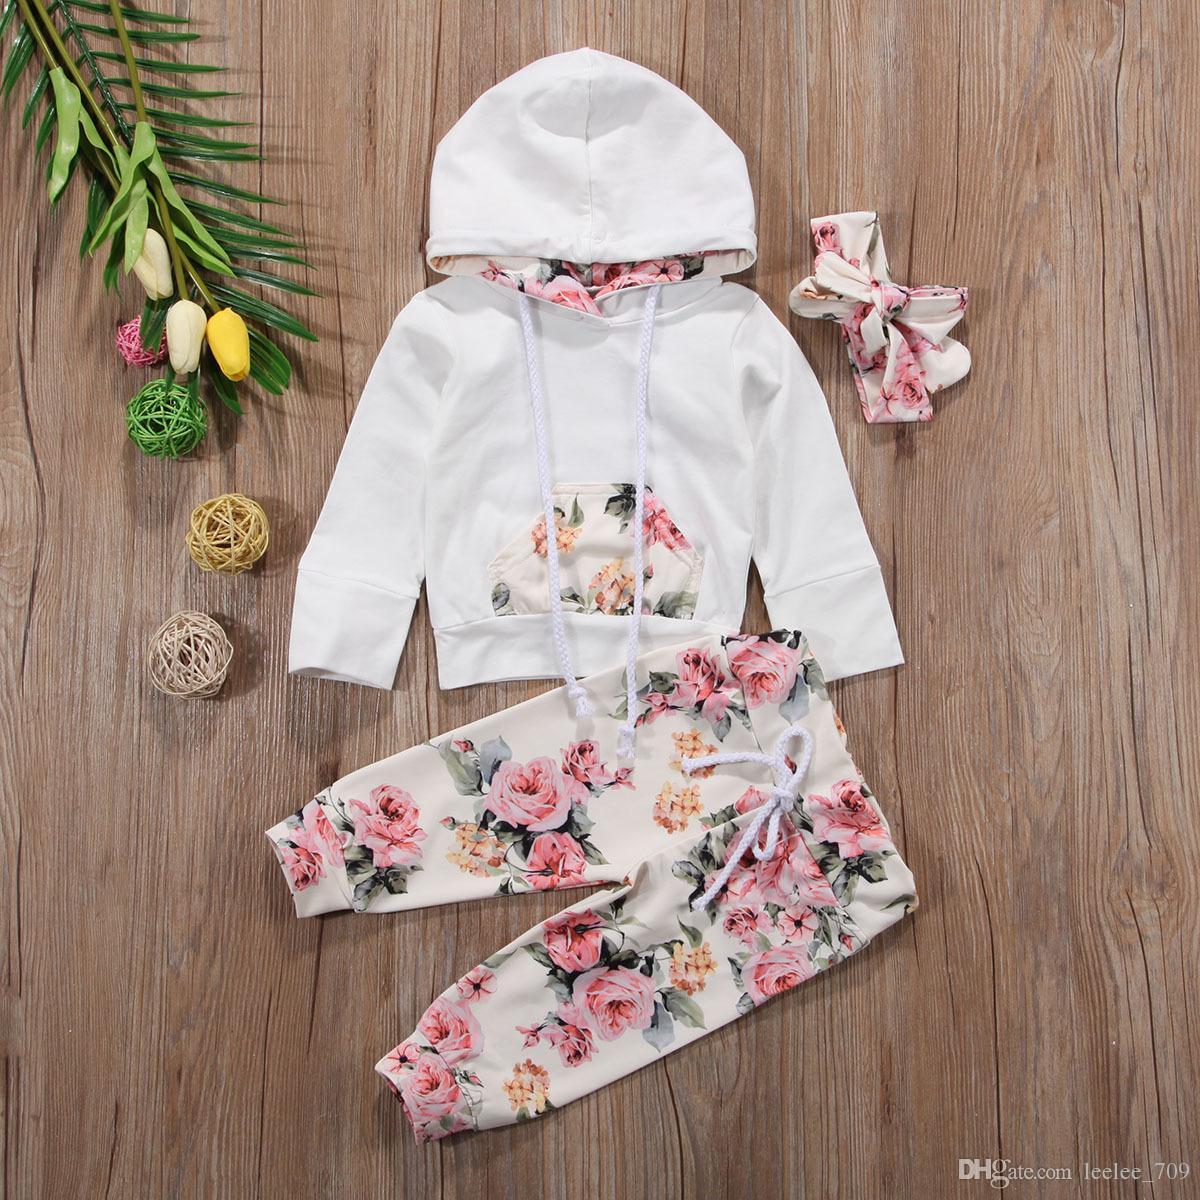 6737fb01b Compre Nuevo Bebé Ropa Infantil Para Niñas Conjunto De Flores De Manga  Larga Con Capucha Tops + Pantalones + Trajes De Diadema Conjunto Conjunto  Floral ...